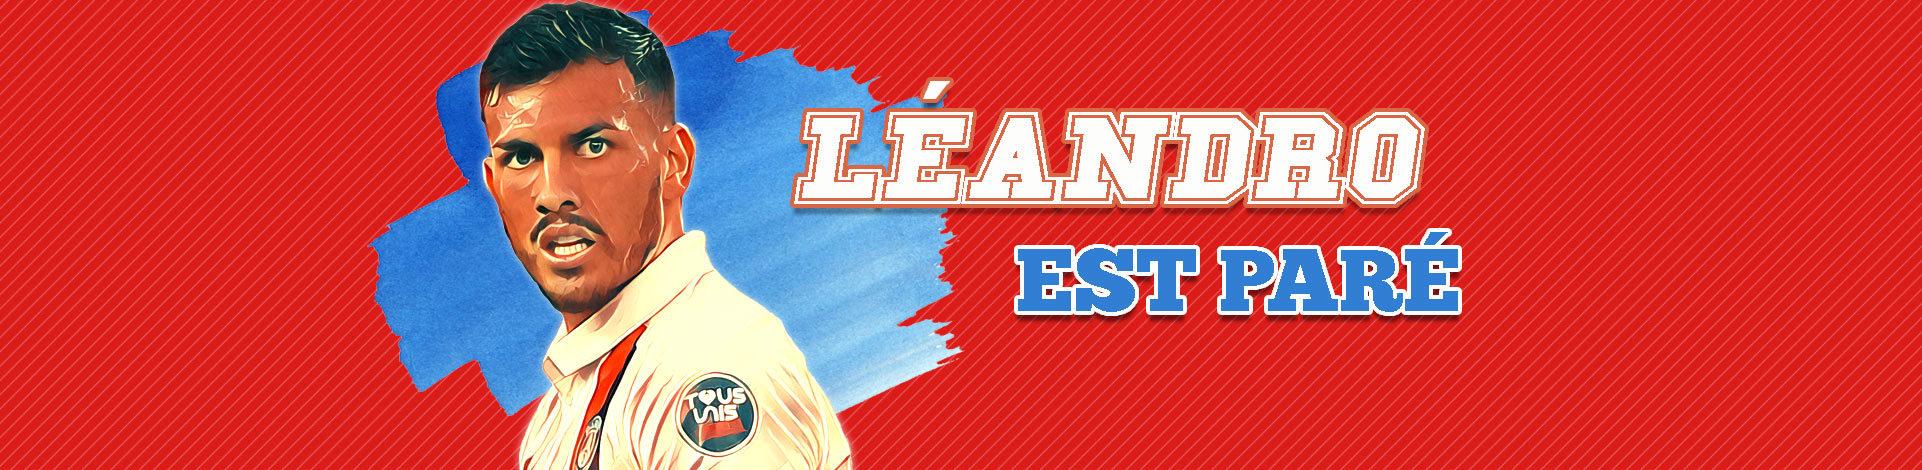 Leandro Paredes Virage PSG